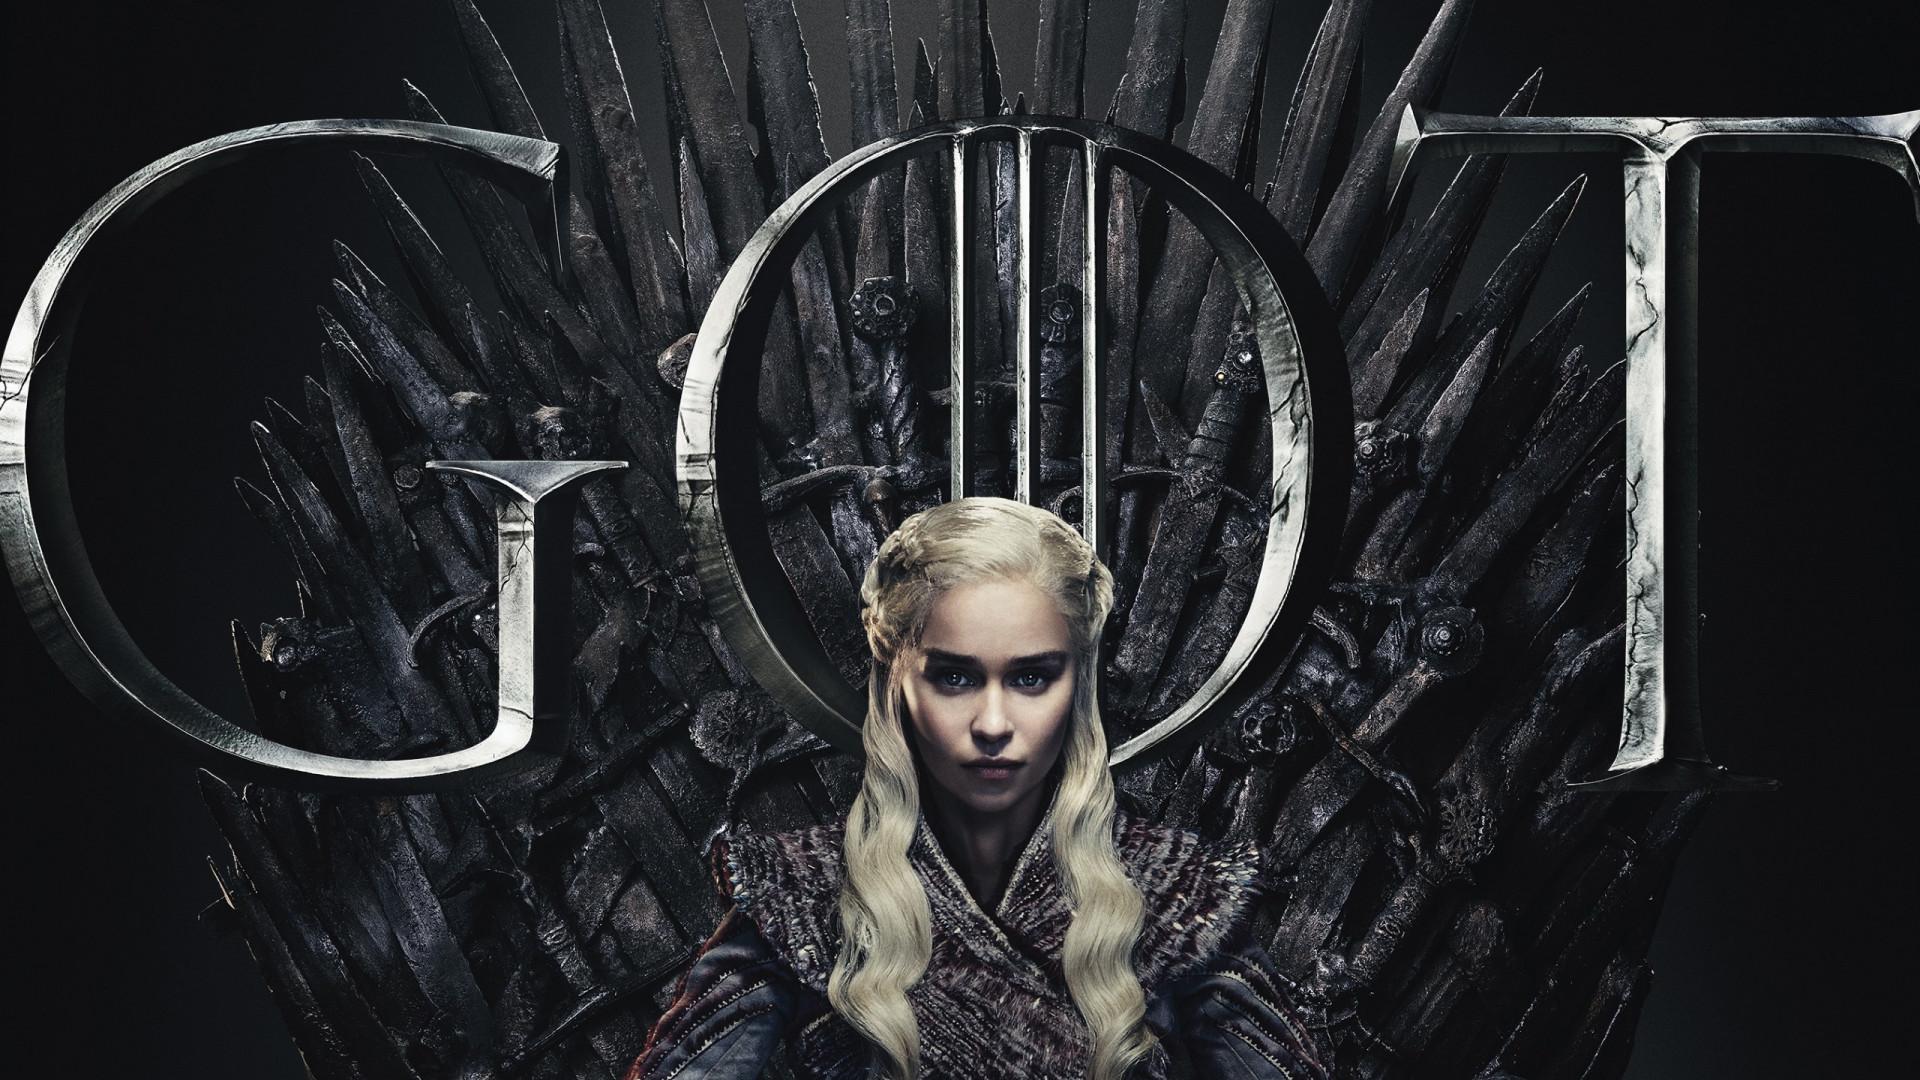 Download Wallpaper Got 8 Daenerys Targaryen Poster 1920x1080